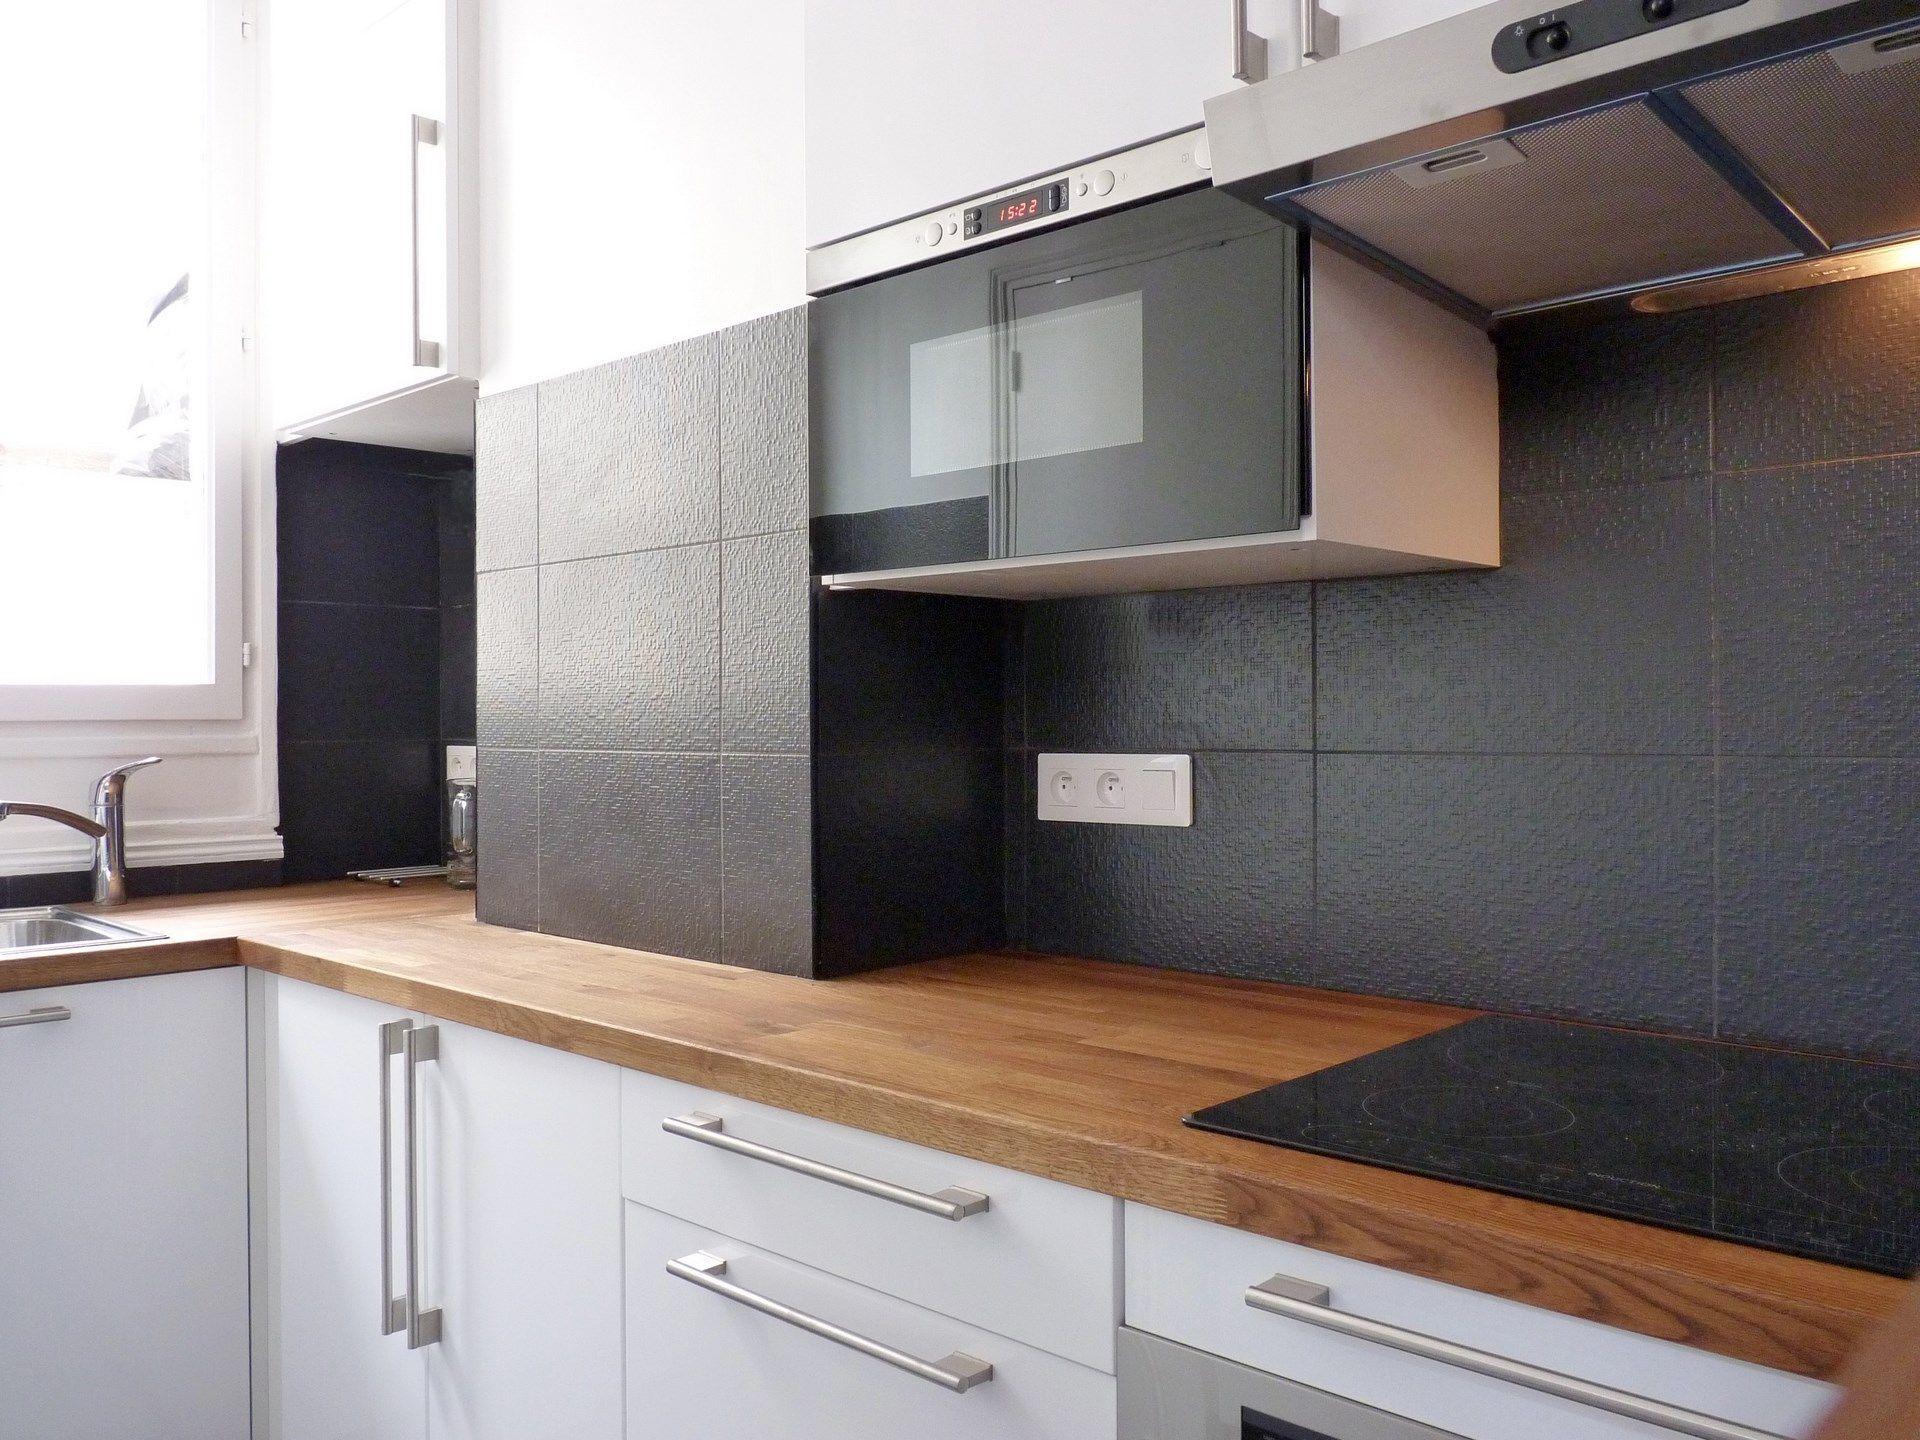 cr dence cuisine ikea credence cuisine en 2018 pinterest. Black Bedroom Furniture Sets. Home Design Ideas